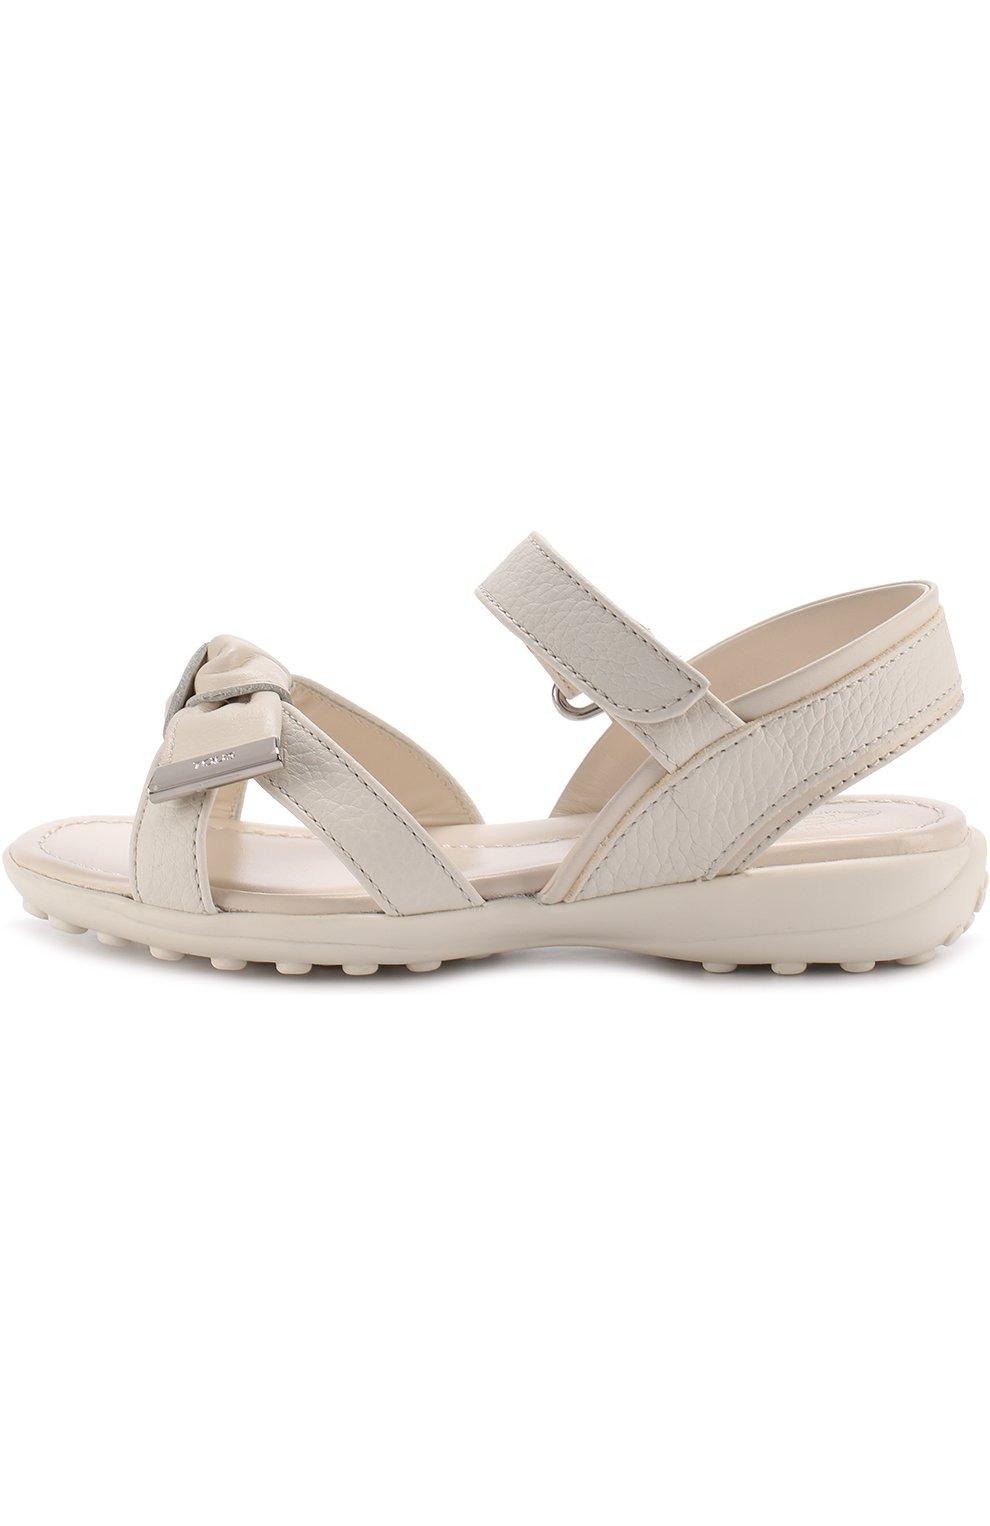 Кожаные сандалии с застежками велькро и бантом | Фото №2